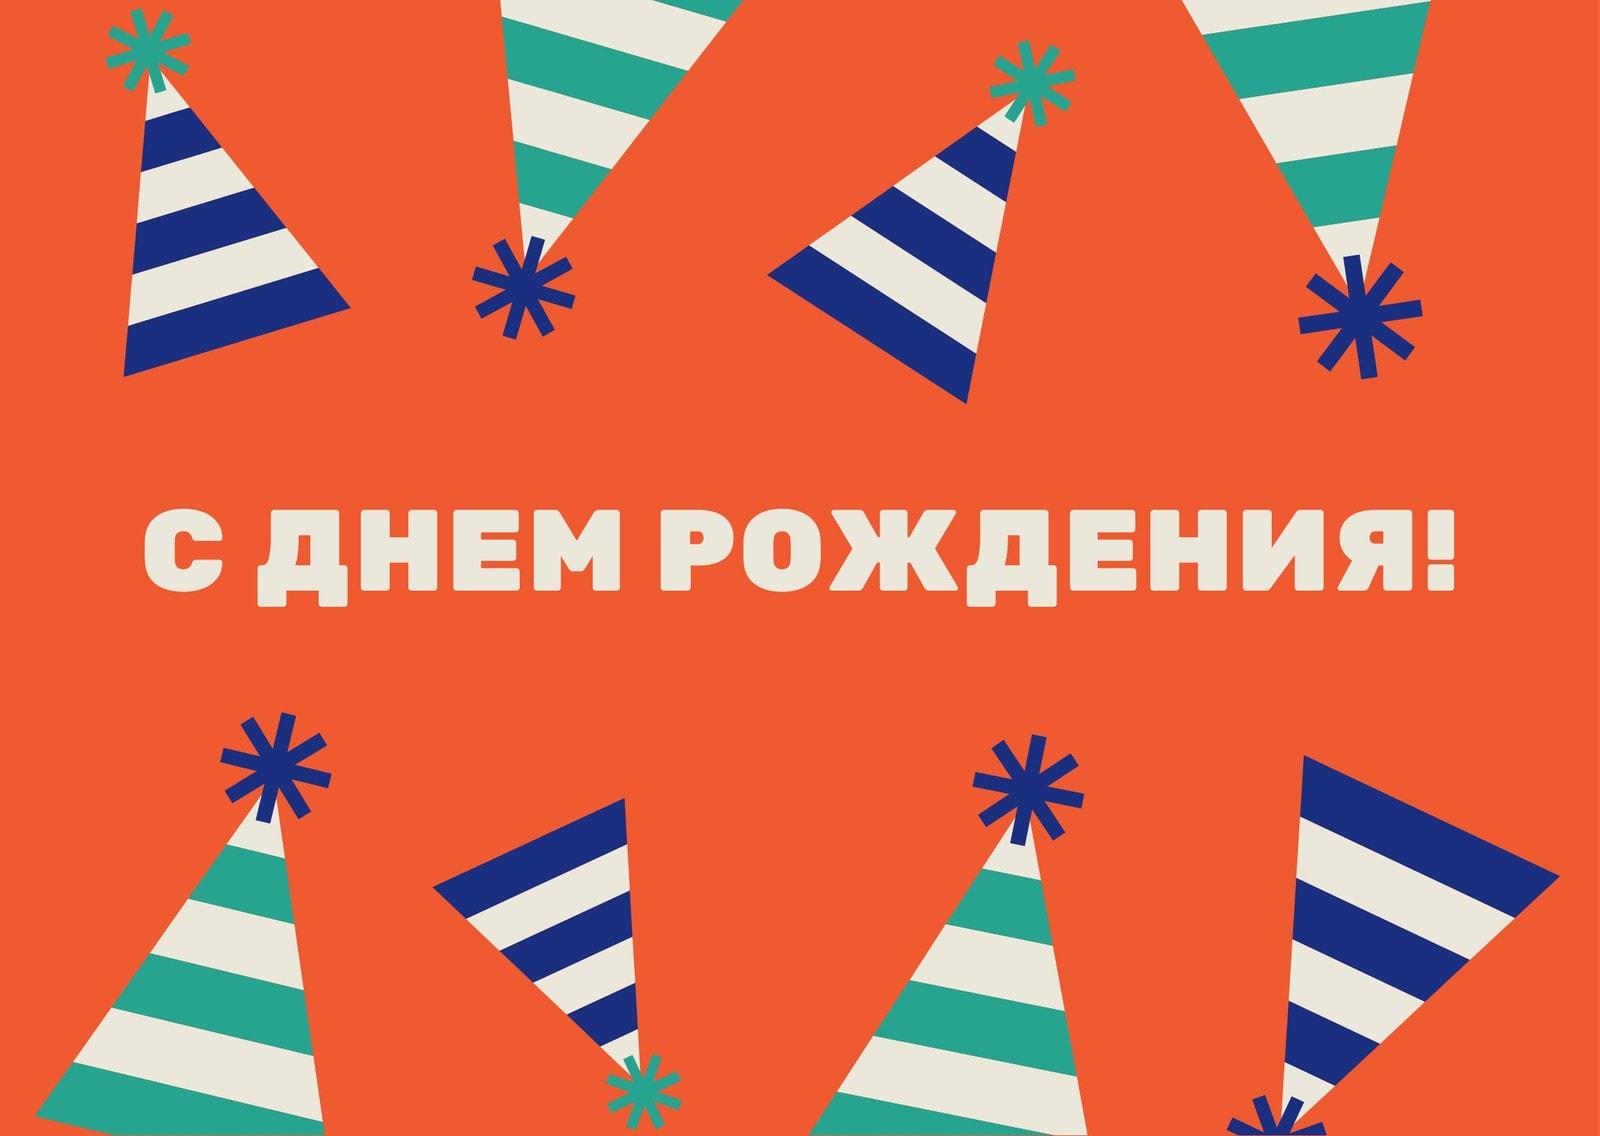 Оранжевая Колпаки Векторная День рождения Открытка